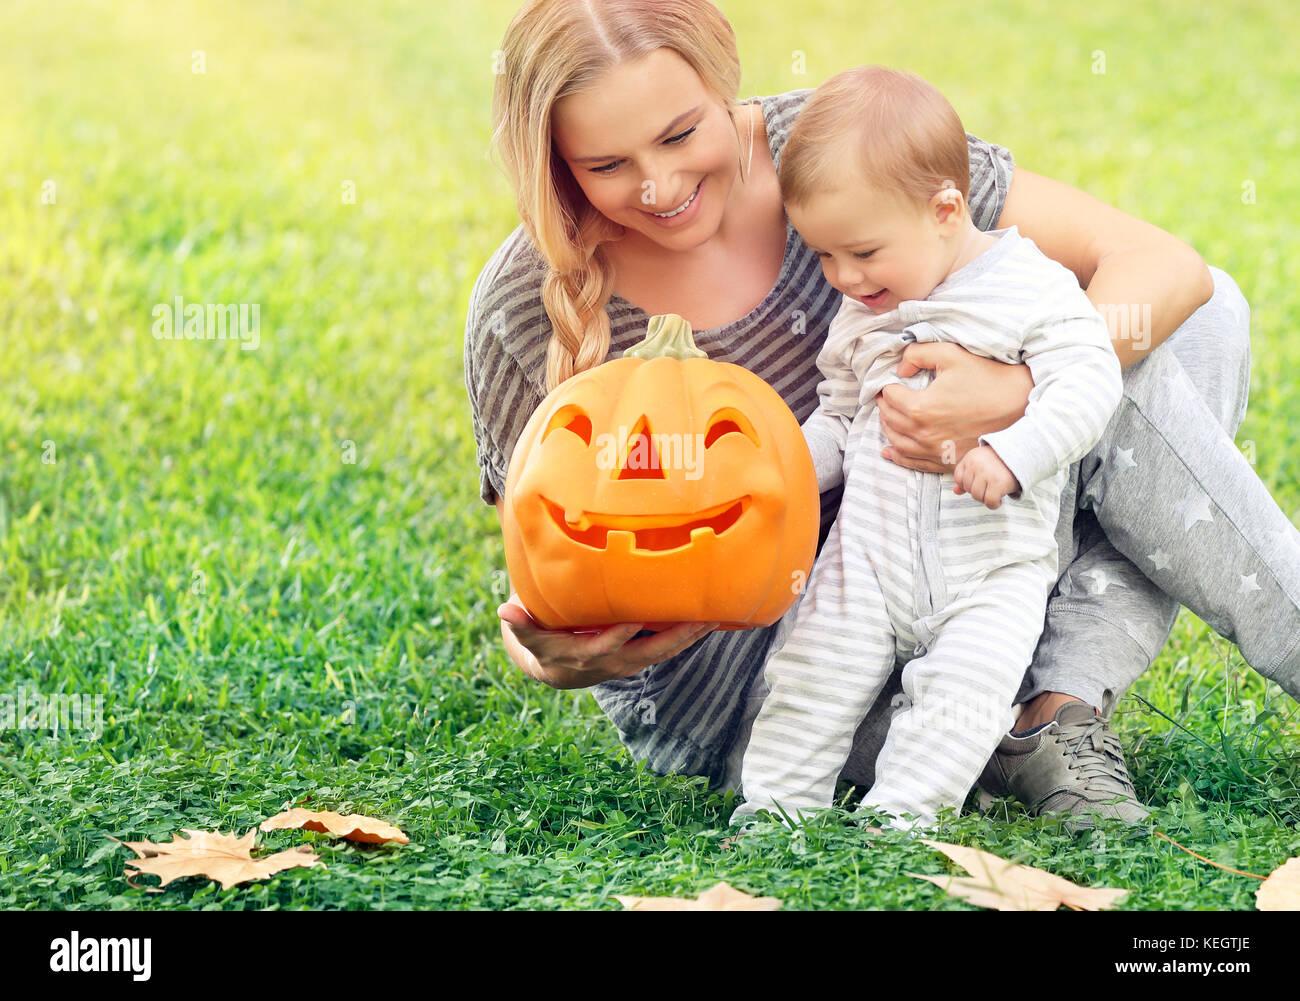 Felice madre con bambino più piccolo all'aperto, seduto sull'erba verde campo e giocando con arancione Immagini Stock